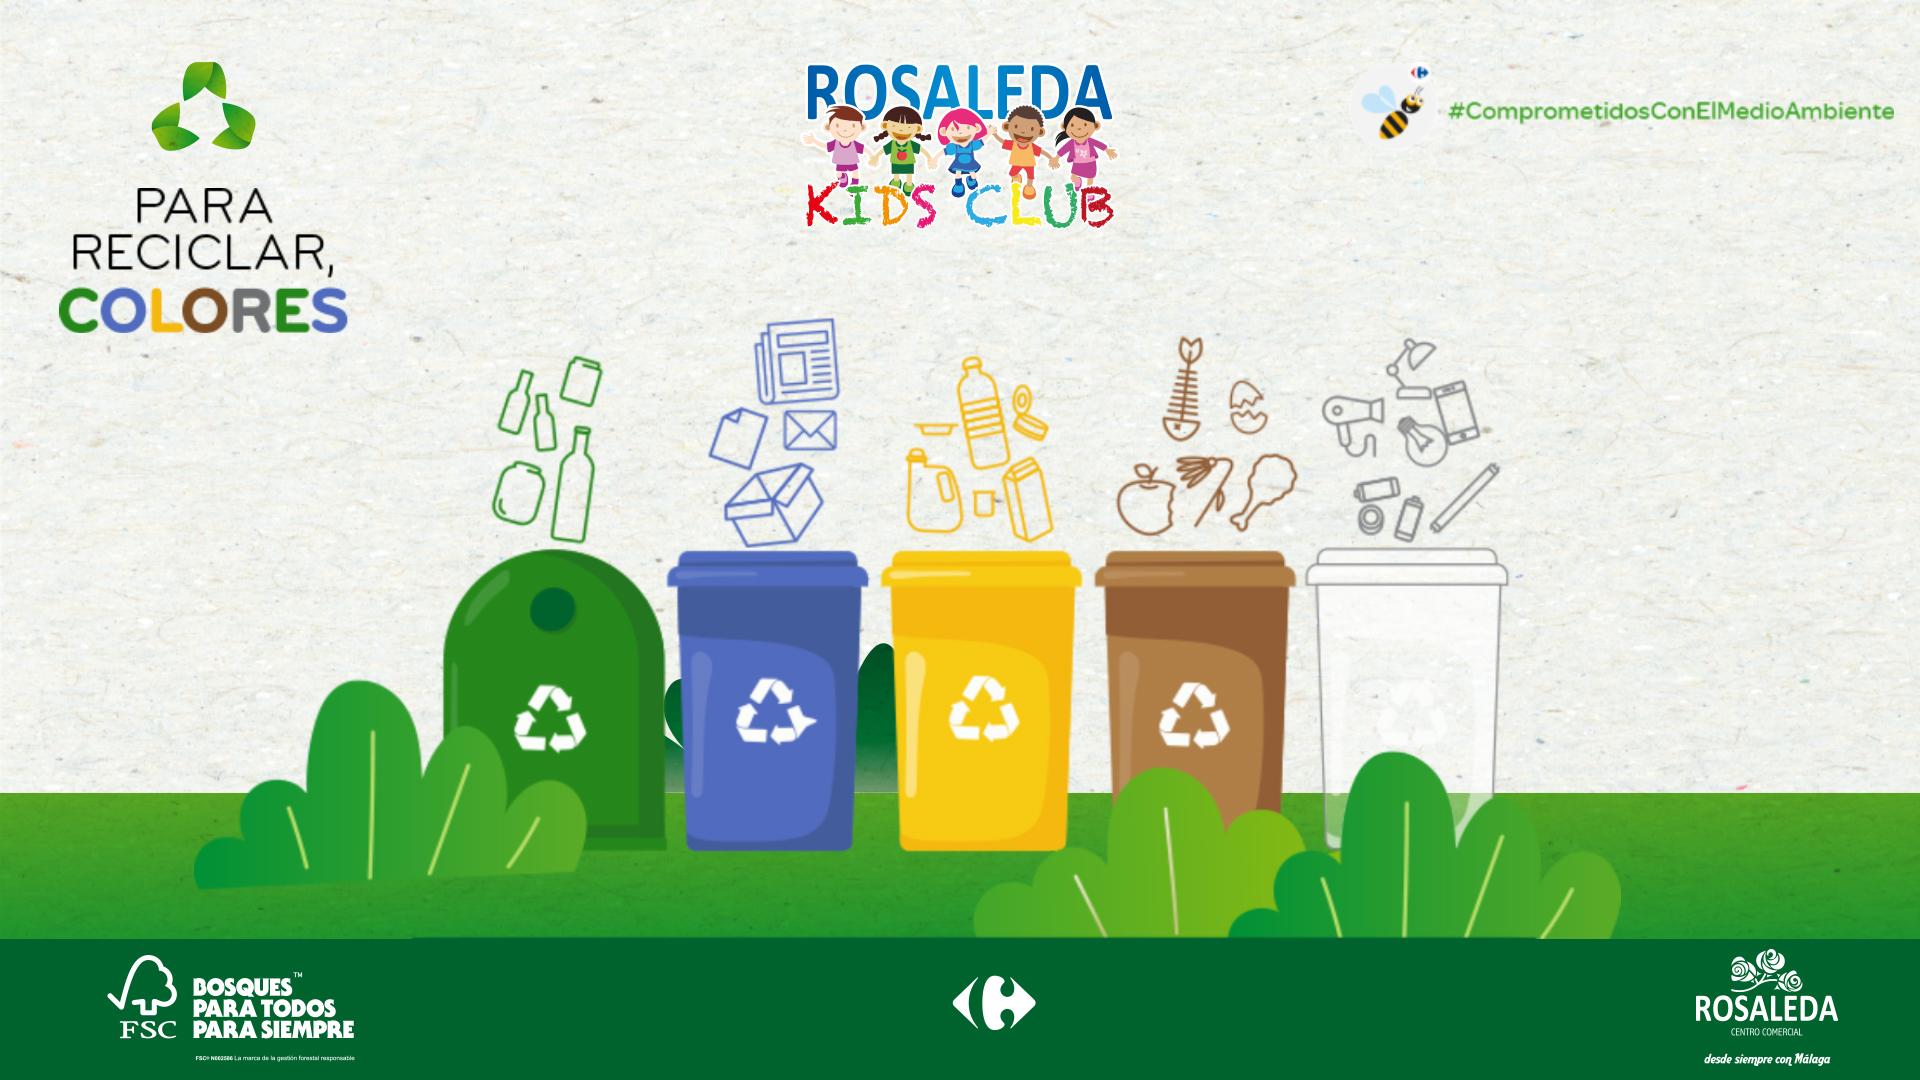 """Especial de Rosaleda Kids Club: taller de reciclaje """"Para reciclar, colores"""""""